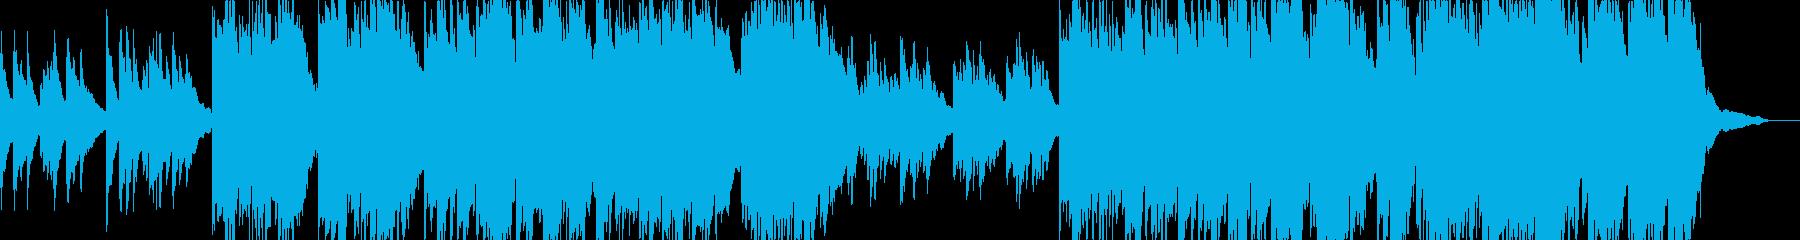 動画17 16bit48kHzVer.の再生済みの波形